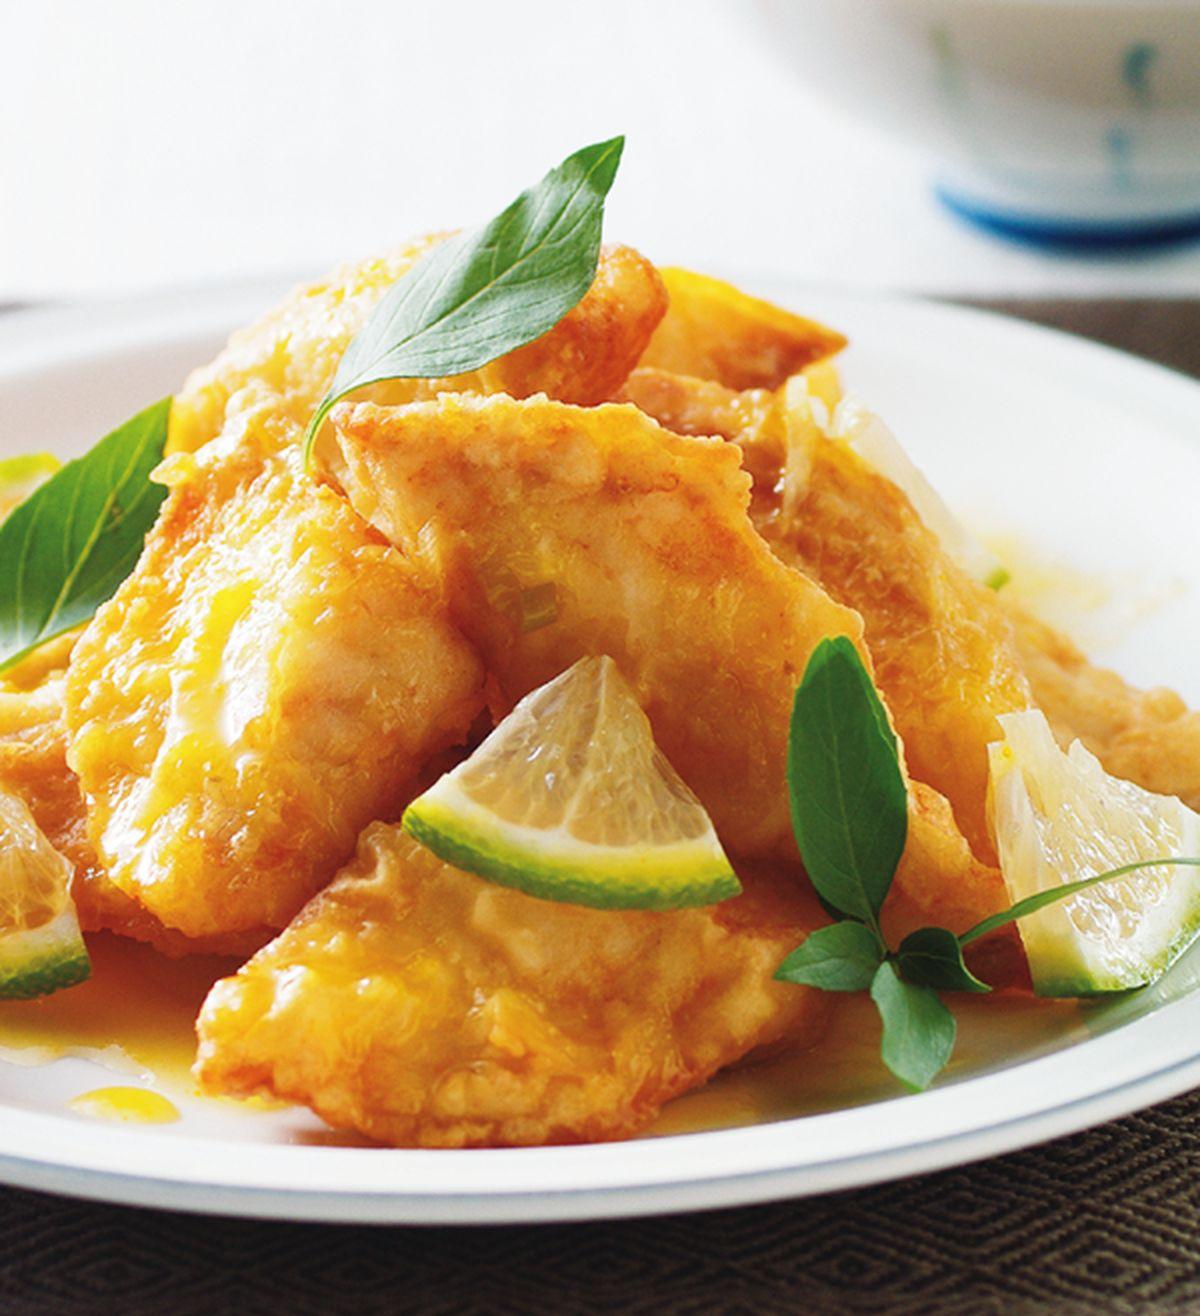 食譜:塔香橙汁魚片